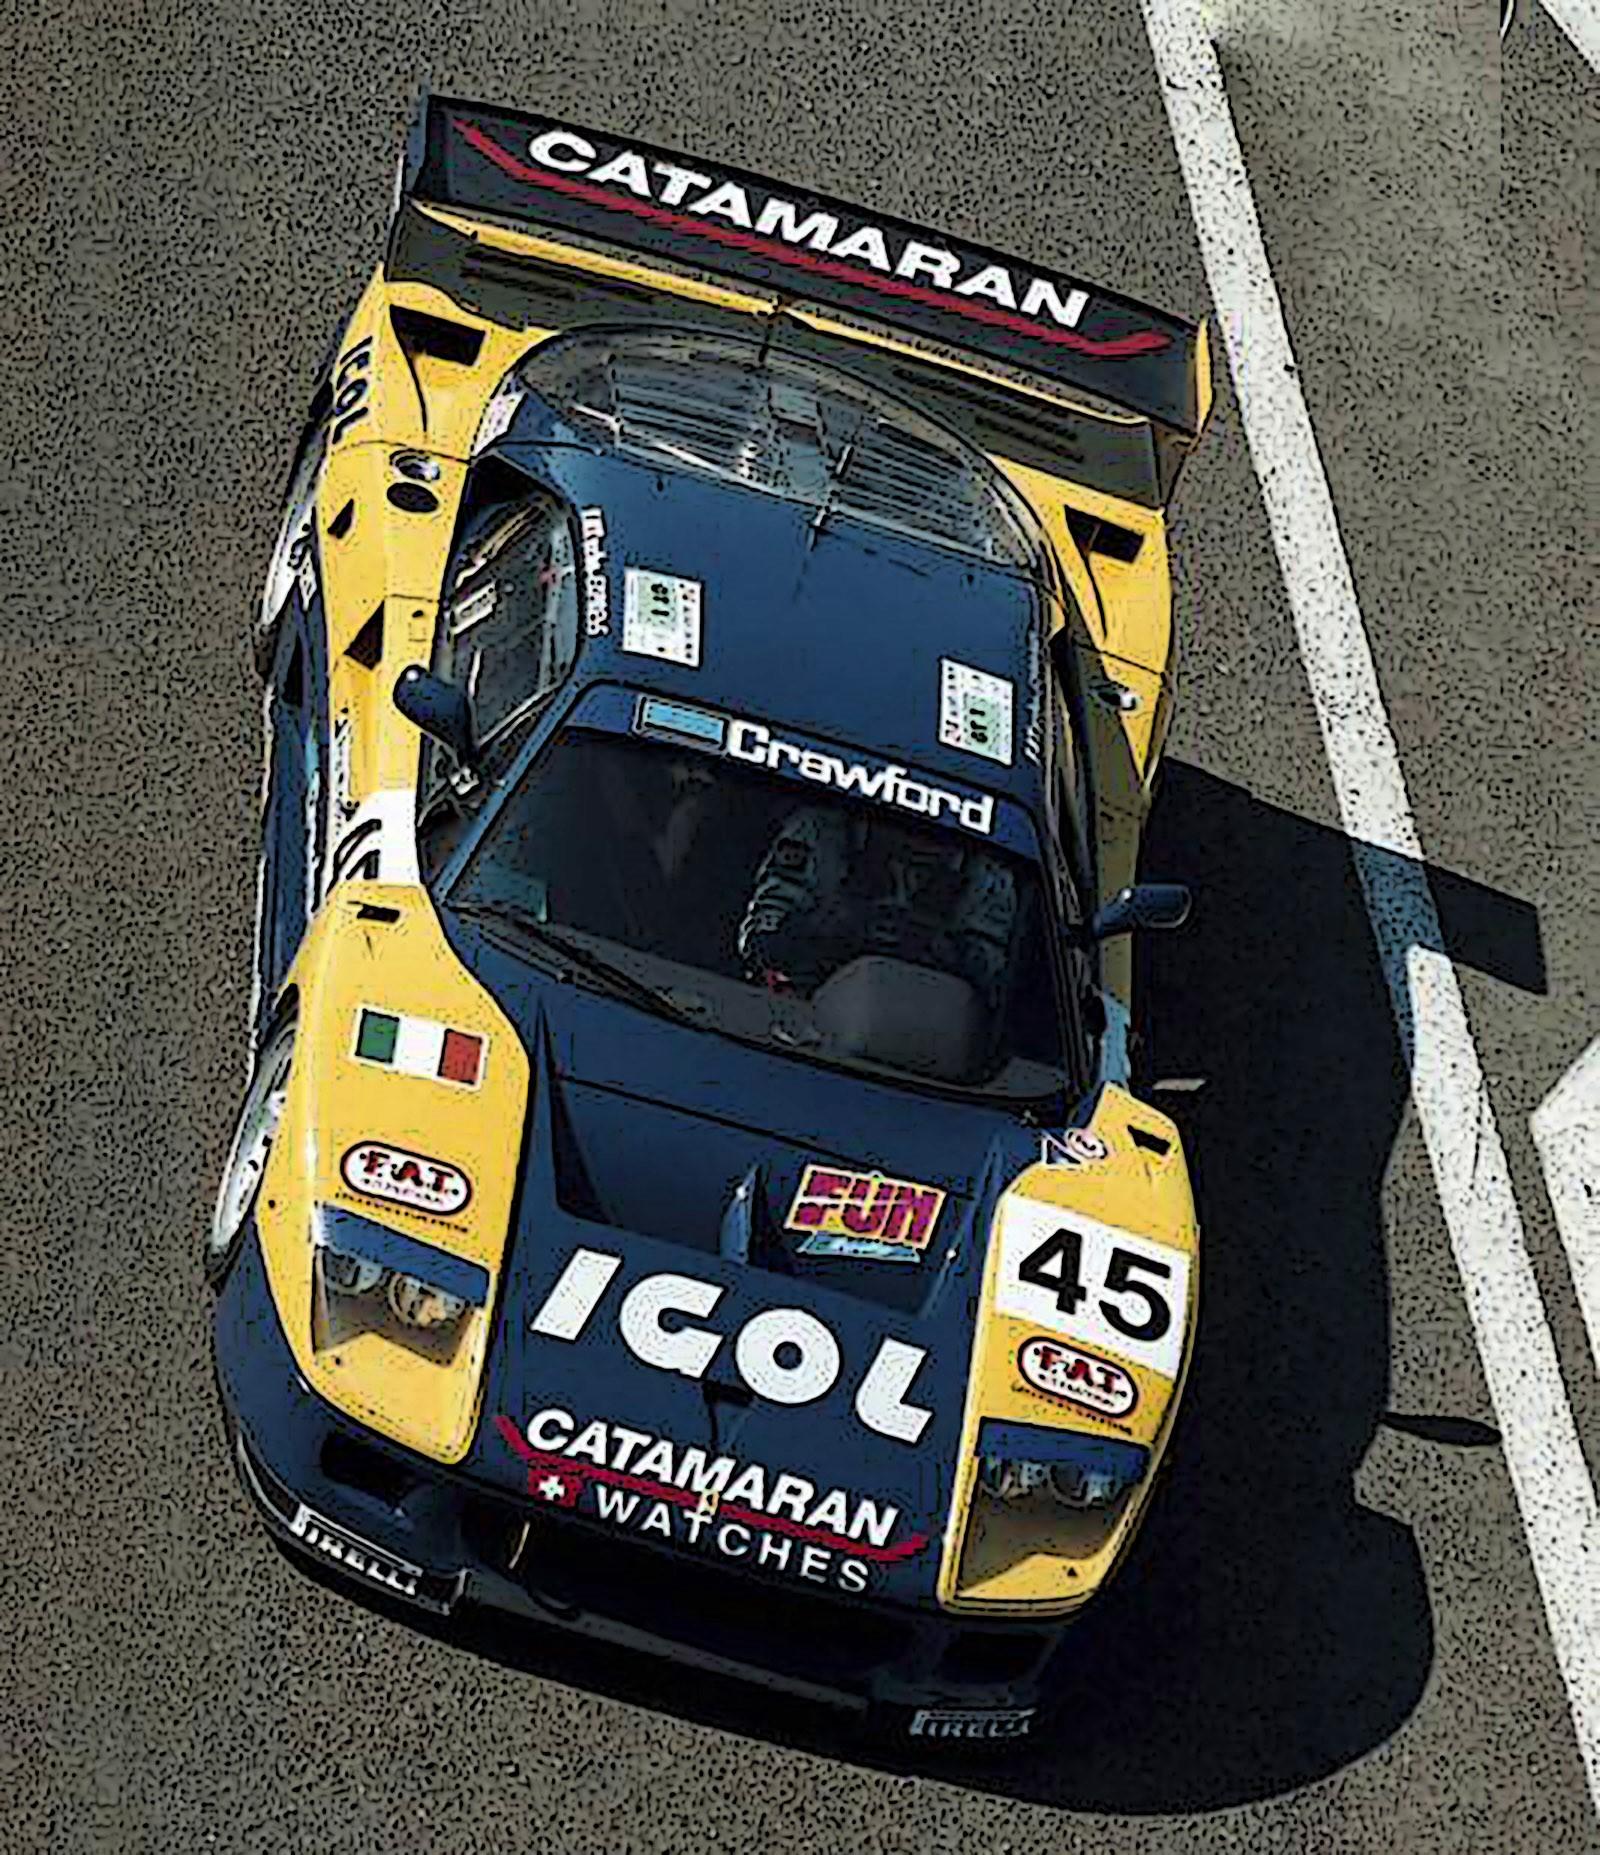 Ferrari F40 LM Le Mans 1996  TEAM ENNEA IGOL nr45